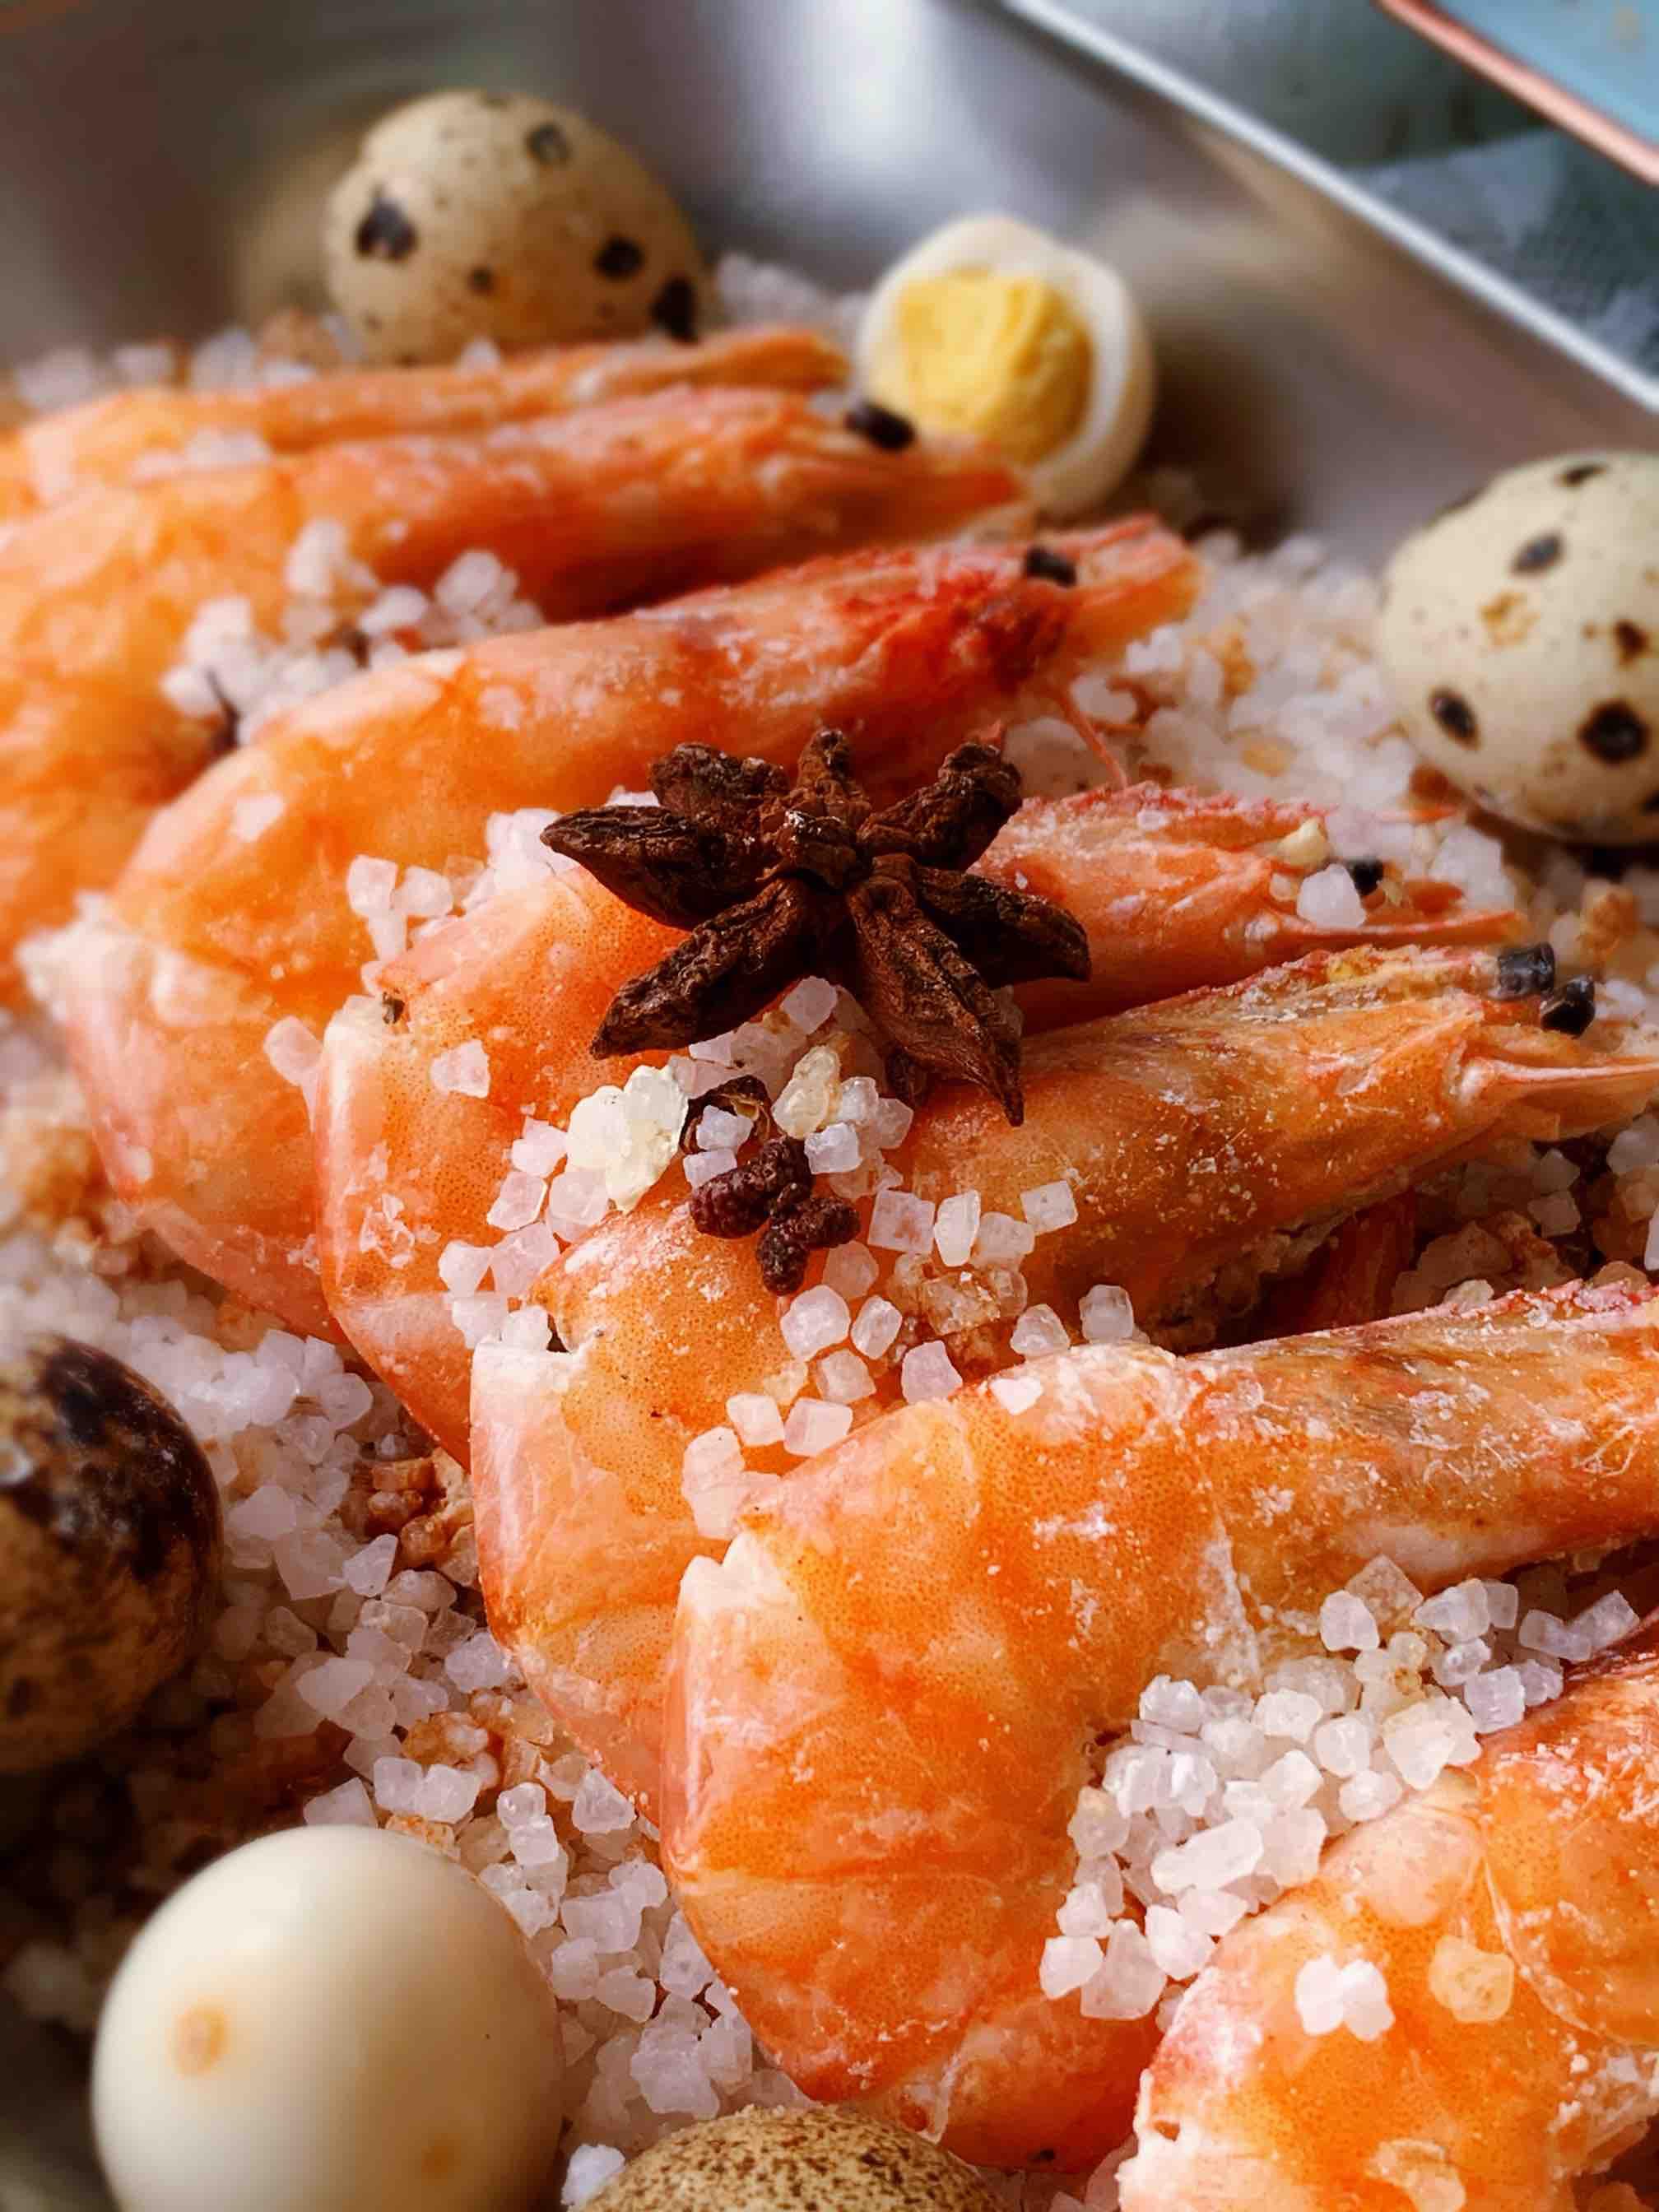 只用一包盐,做一锅盐焗虾成品图